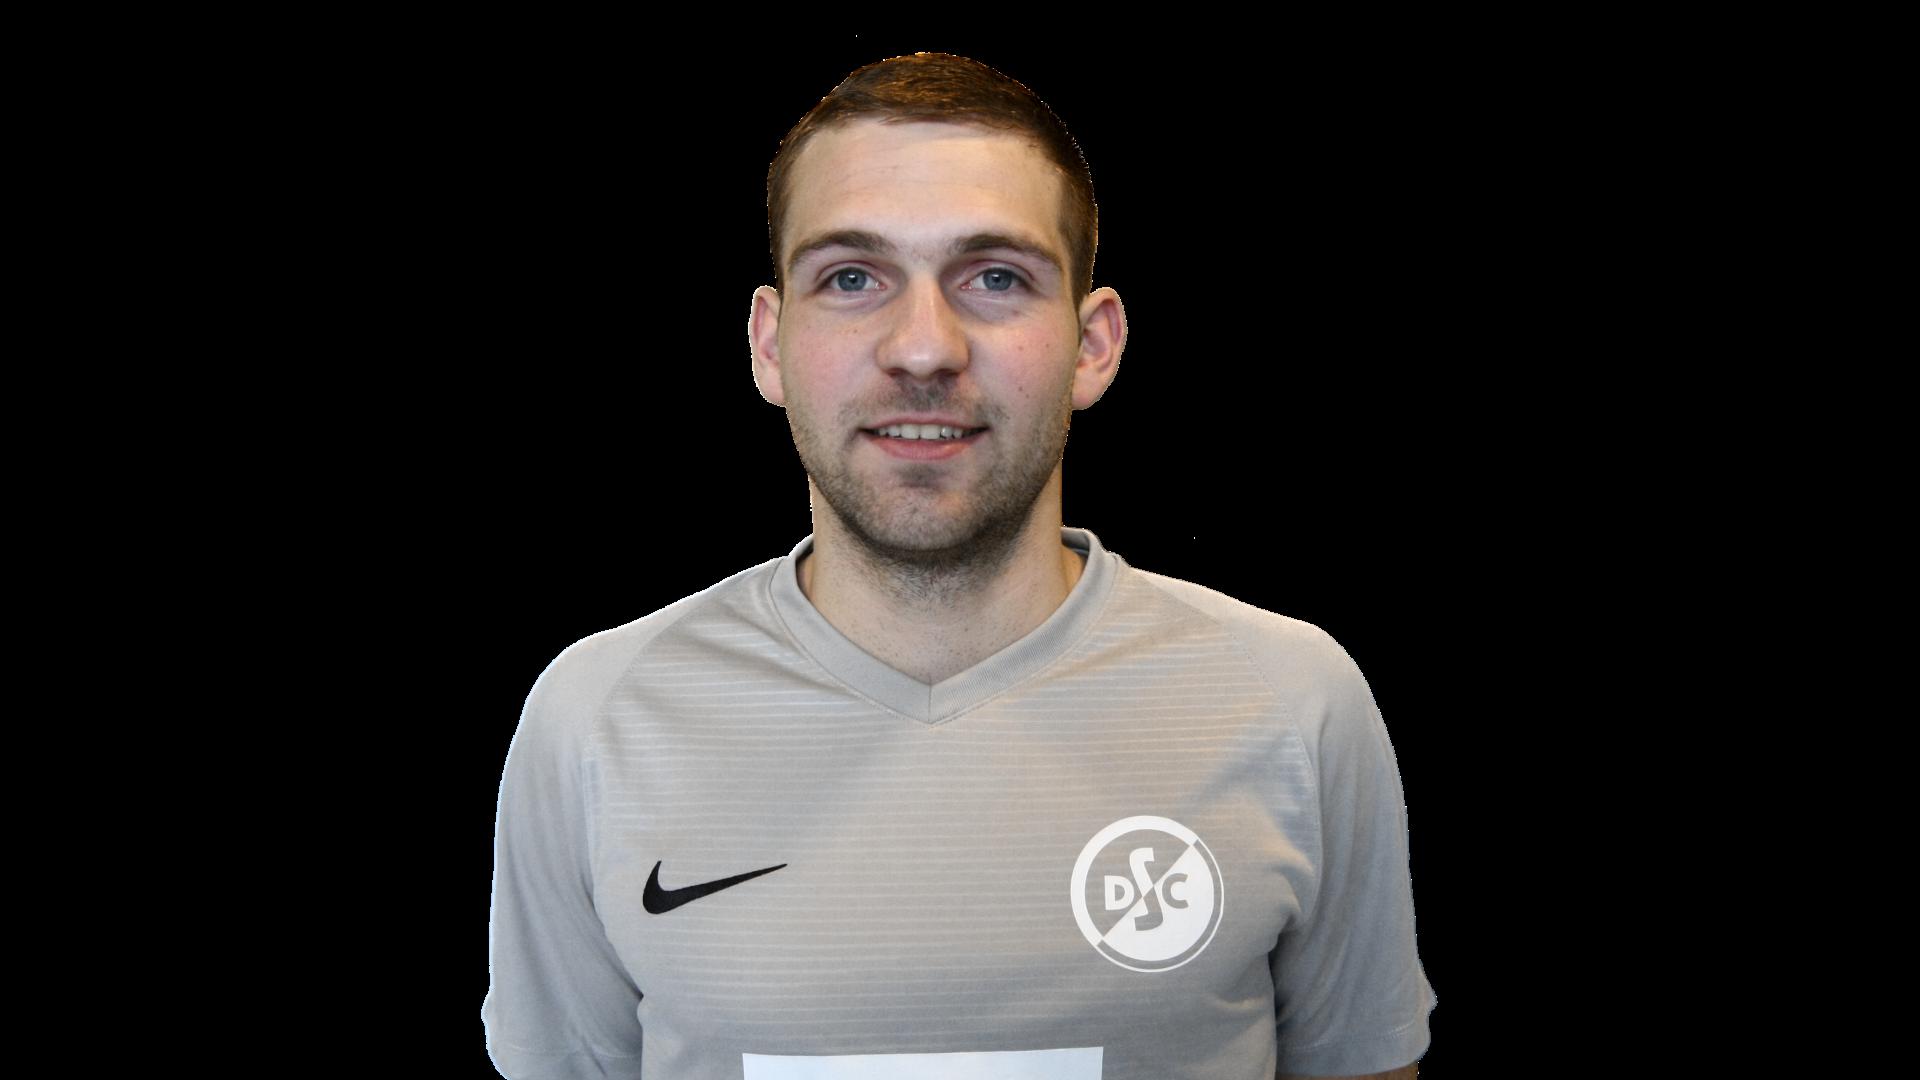 Florian Rahe